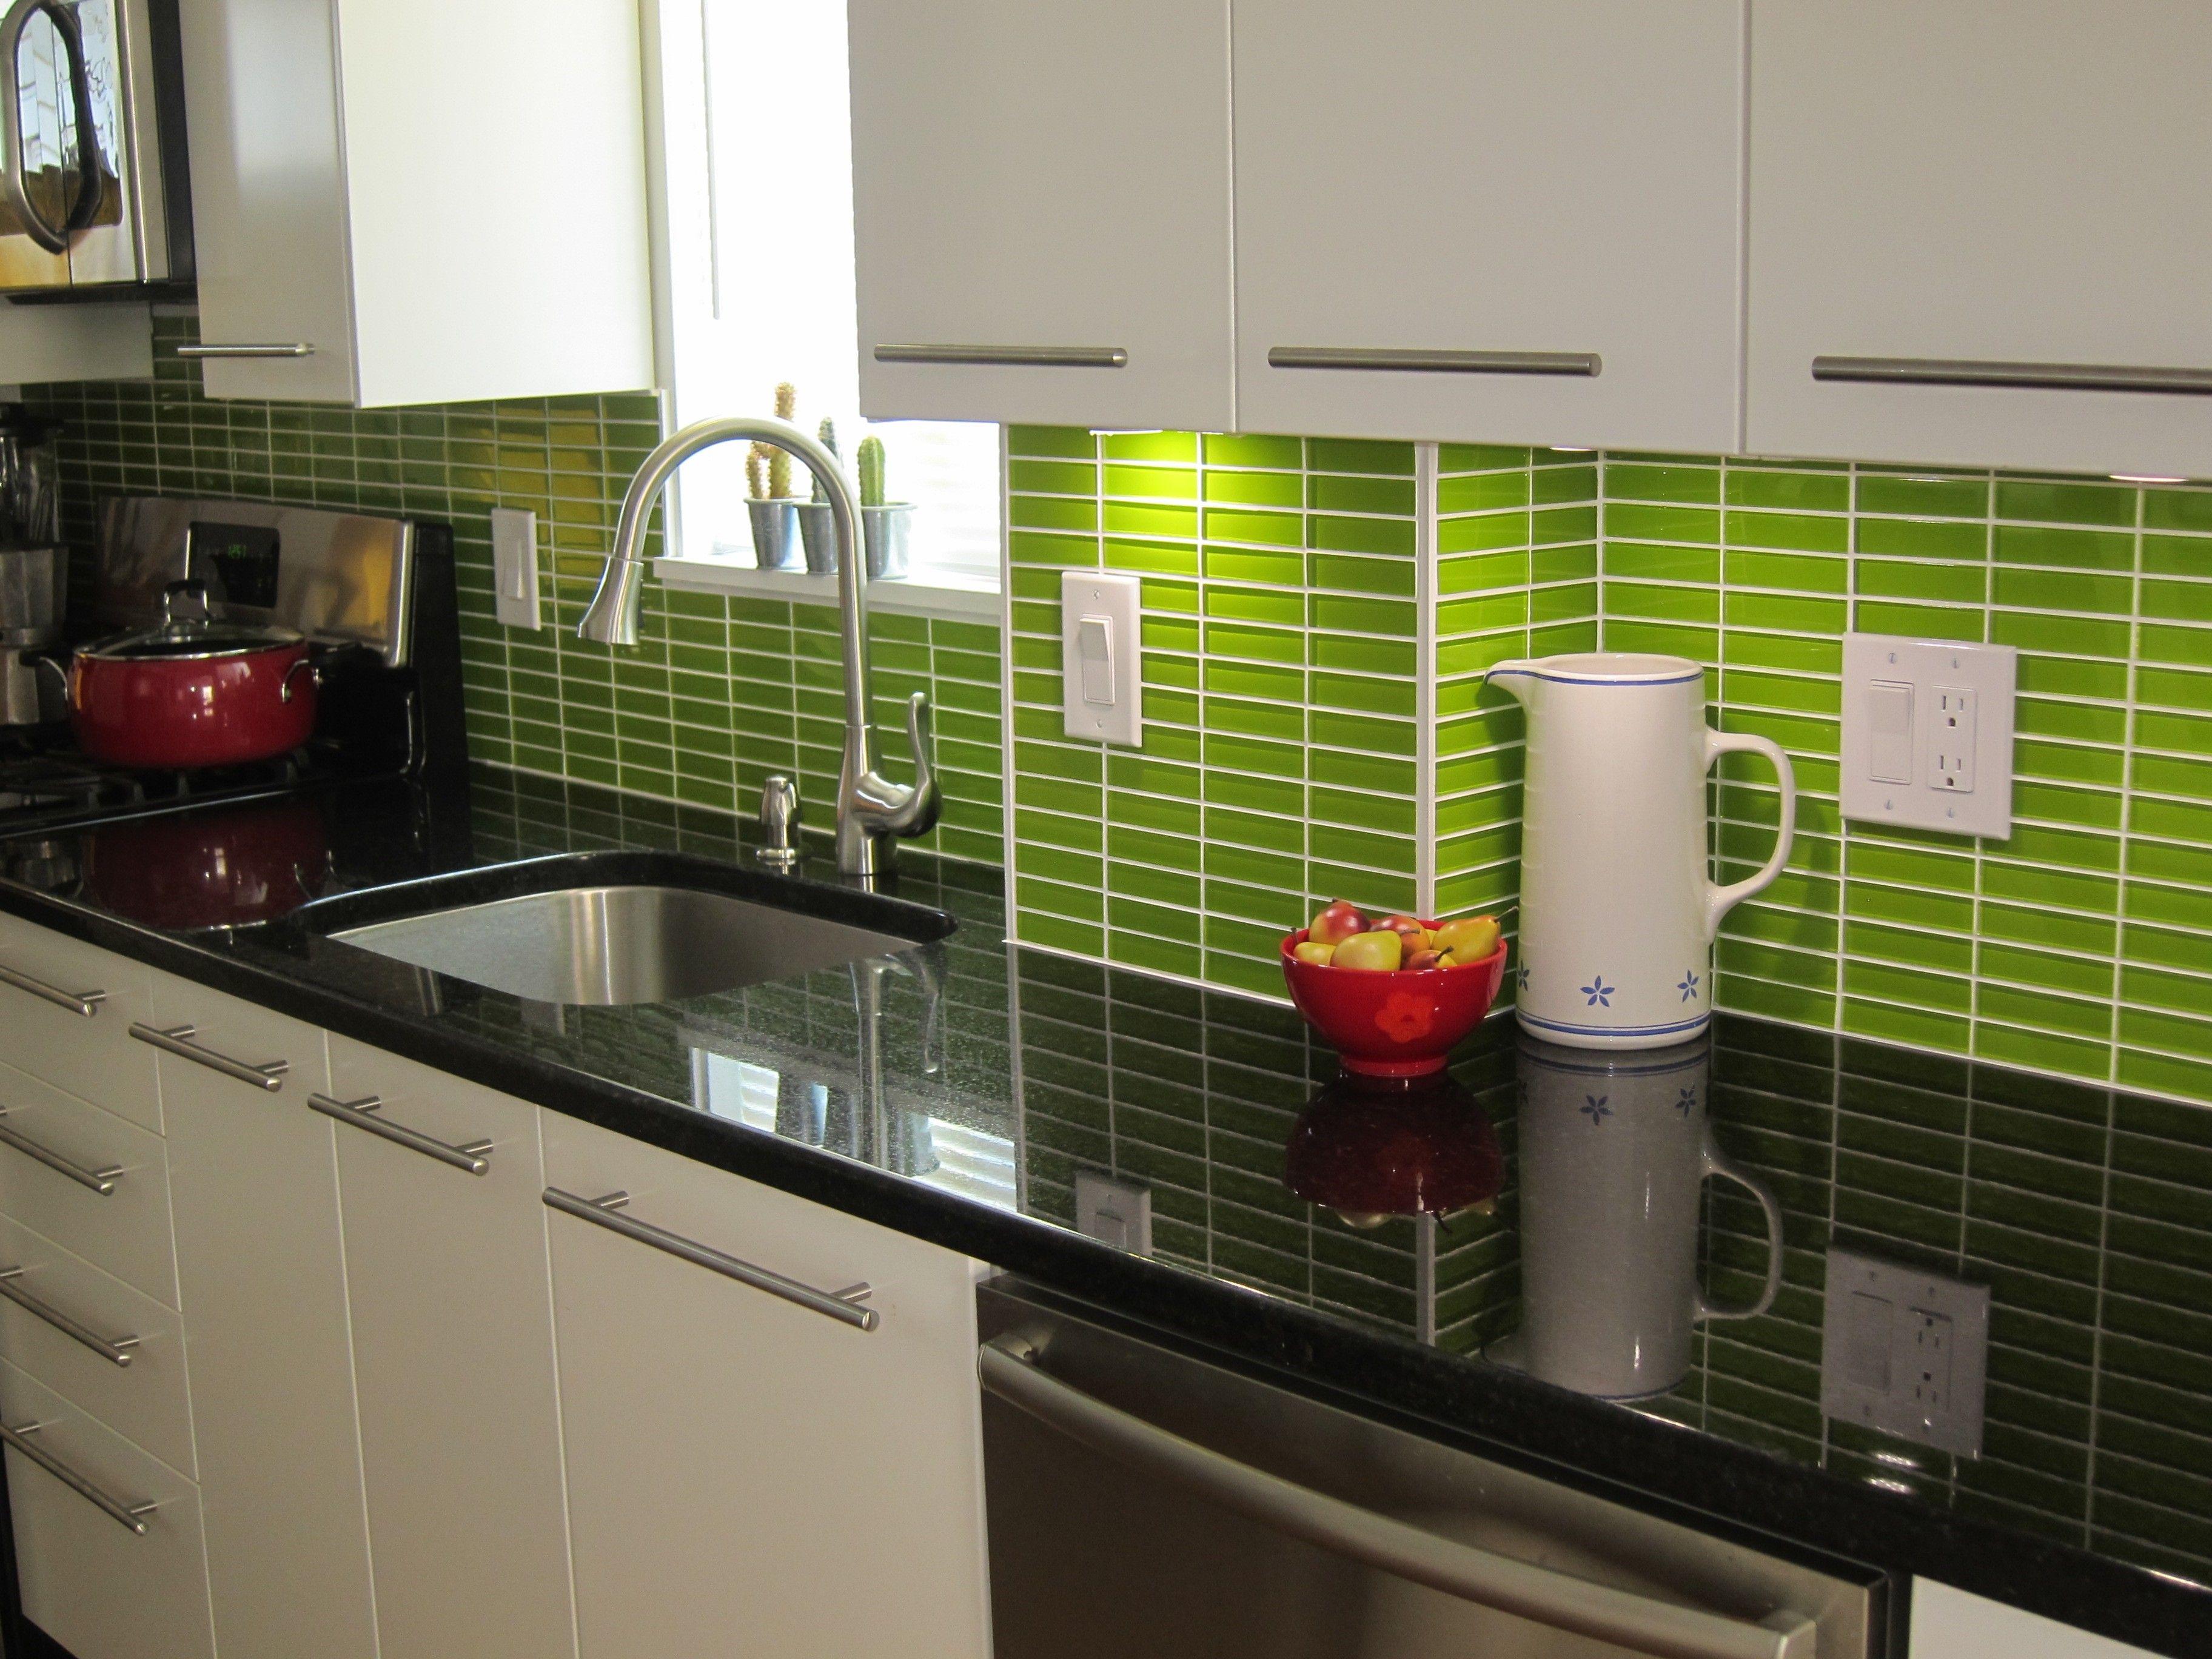 Backsplash Tile For Kitchen